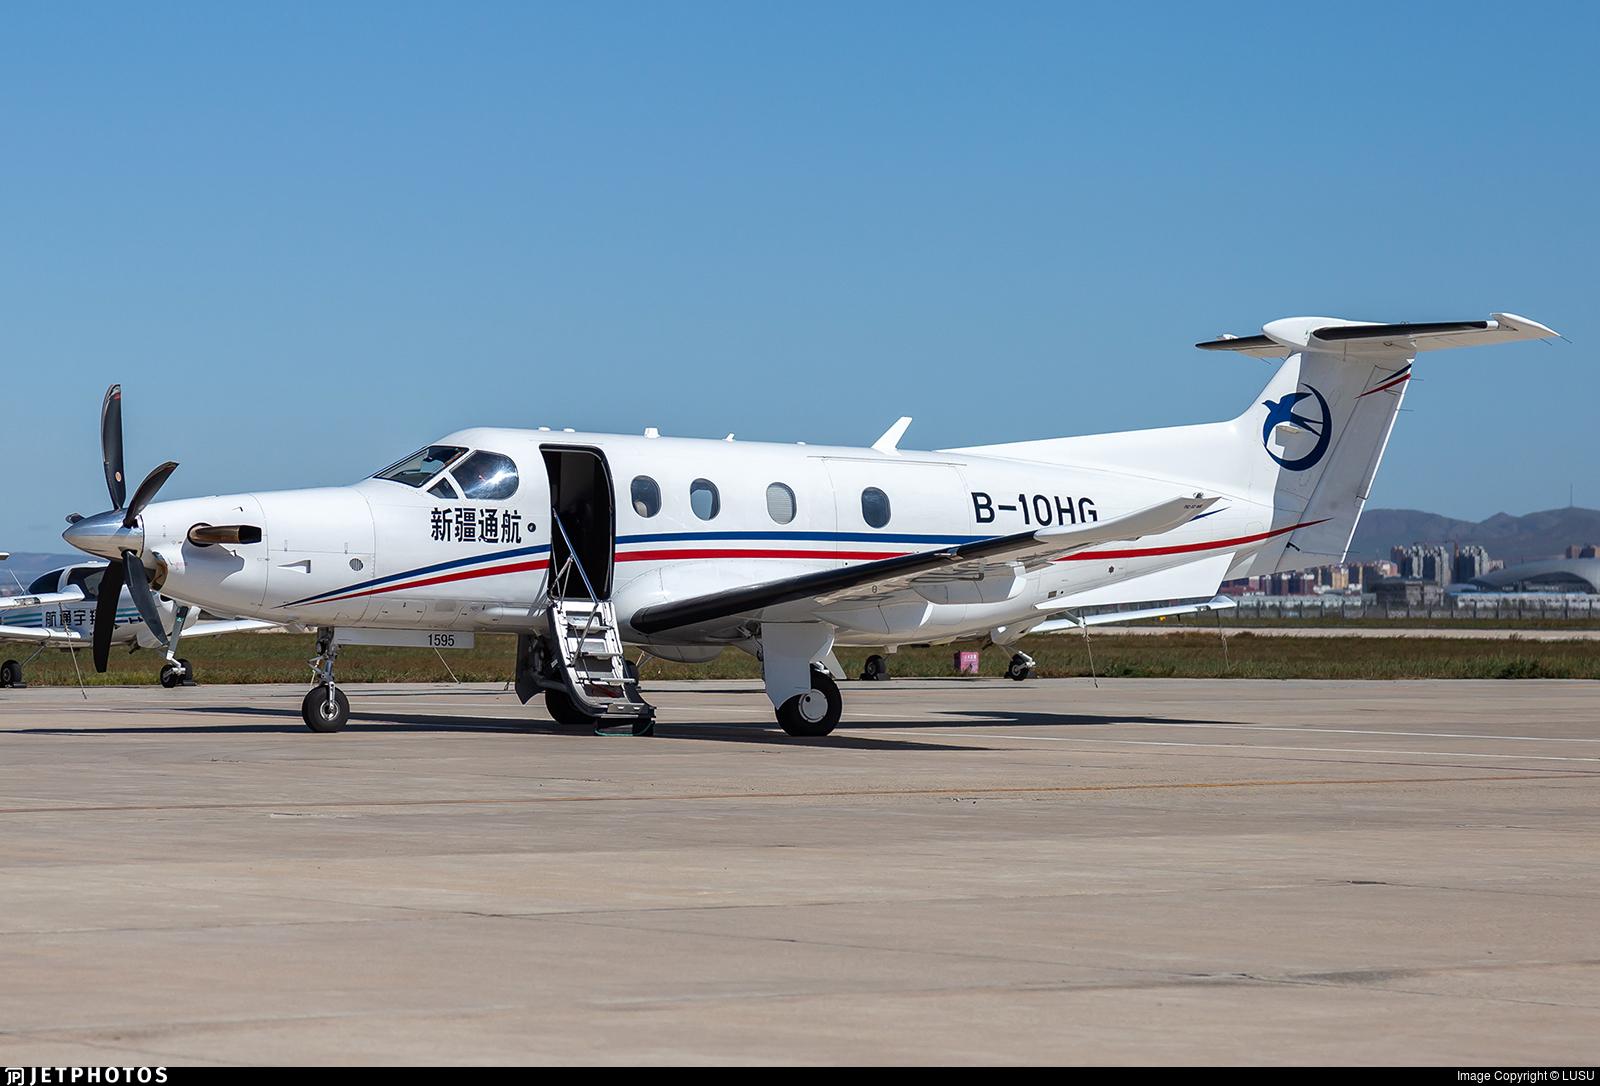 B-10HG - Pilatus PC-12 - Xinjiang General Aviation